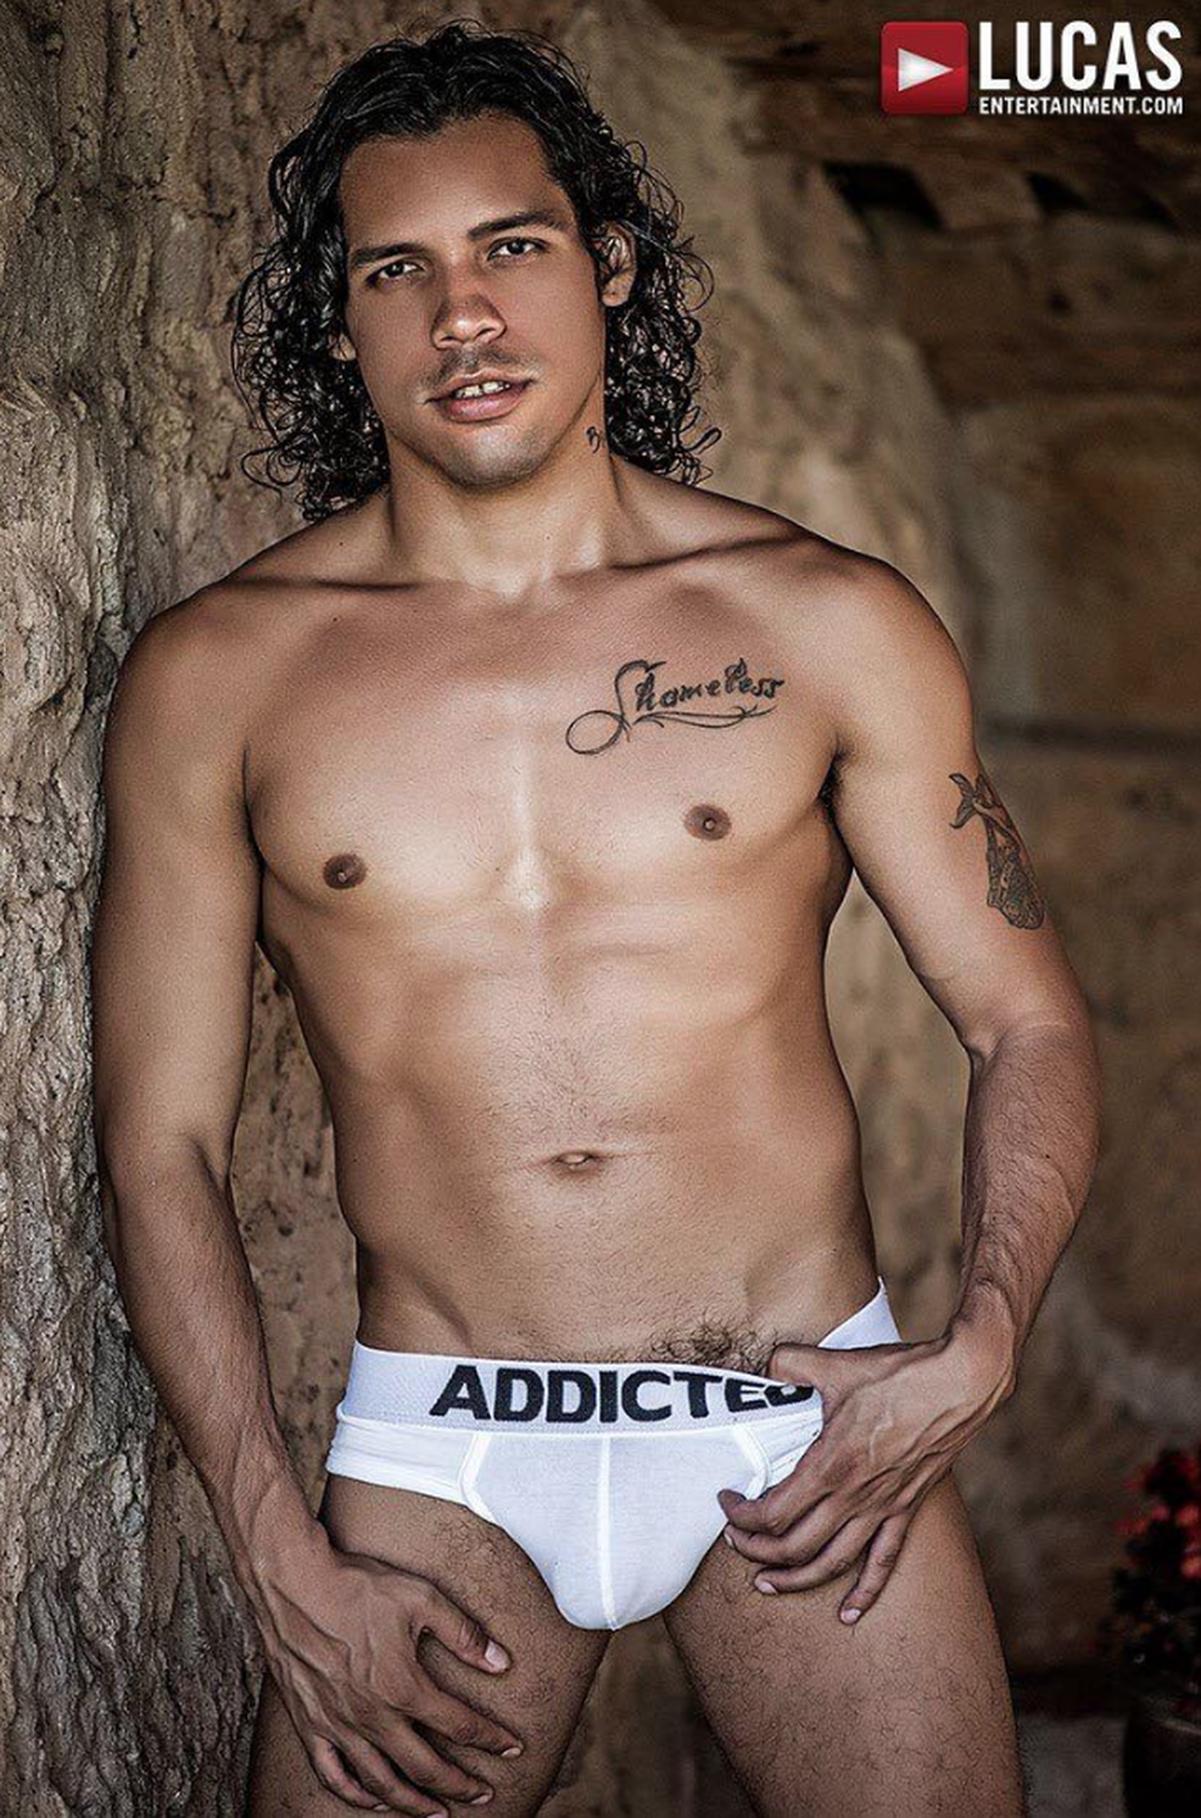 Actor Porno Alejandro alejandro castillo wiki & bio - pornographic actor